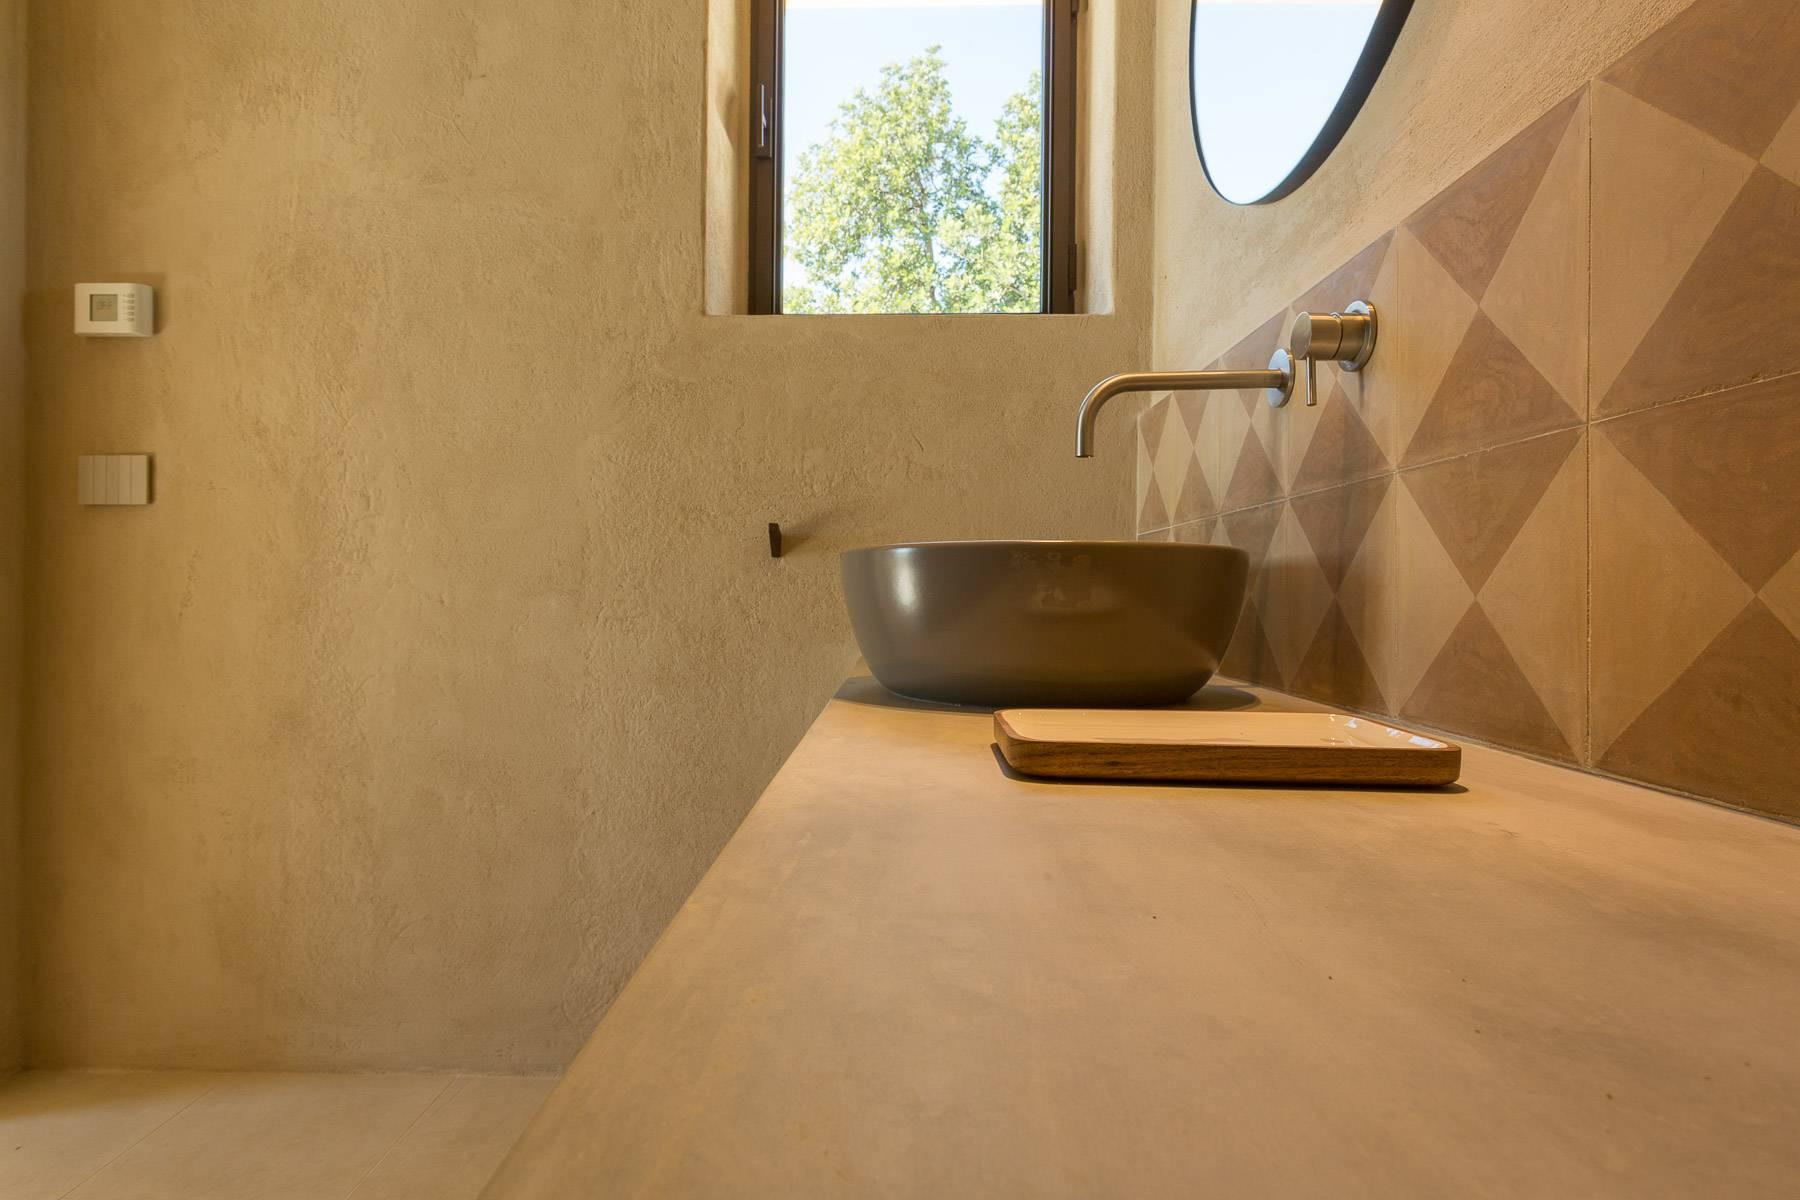 Villa in Vendita a Noto: 5 locali, 270 mq - Foto 27